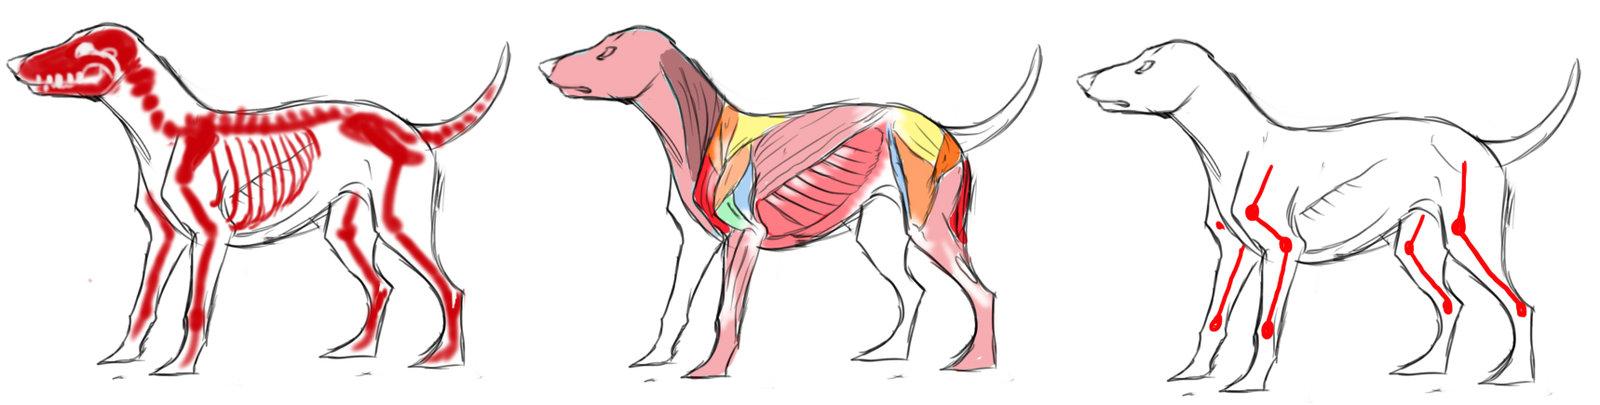 Lujo La Fisiología Y La Anatomía Del Perro Colección de Imágenes ...